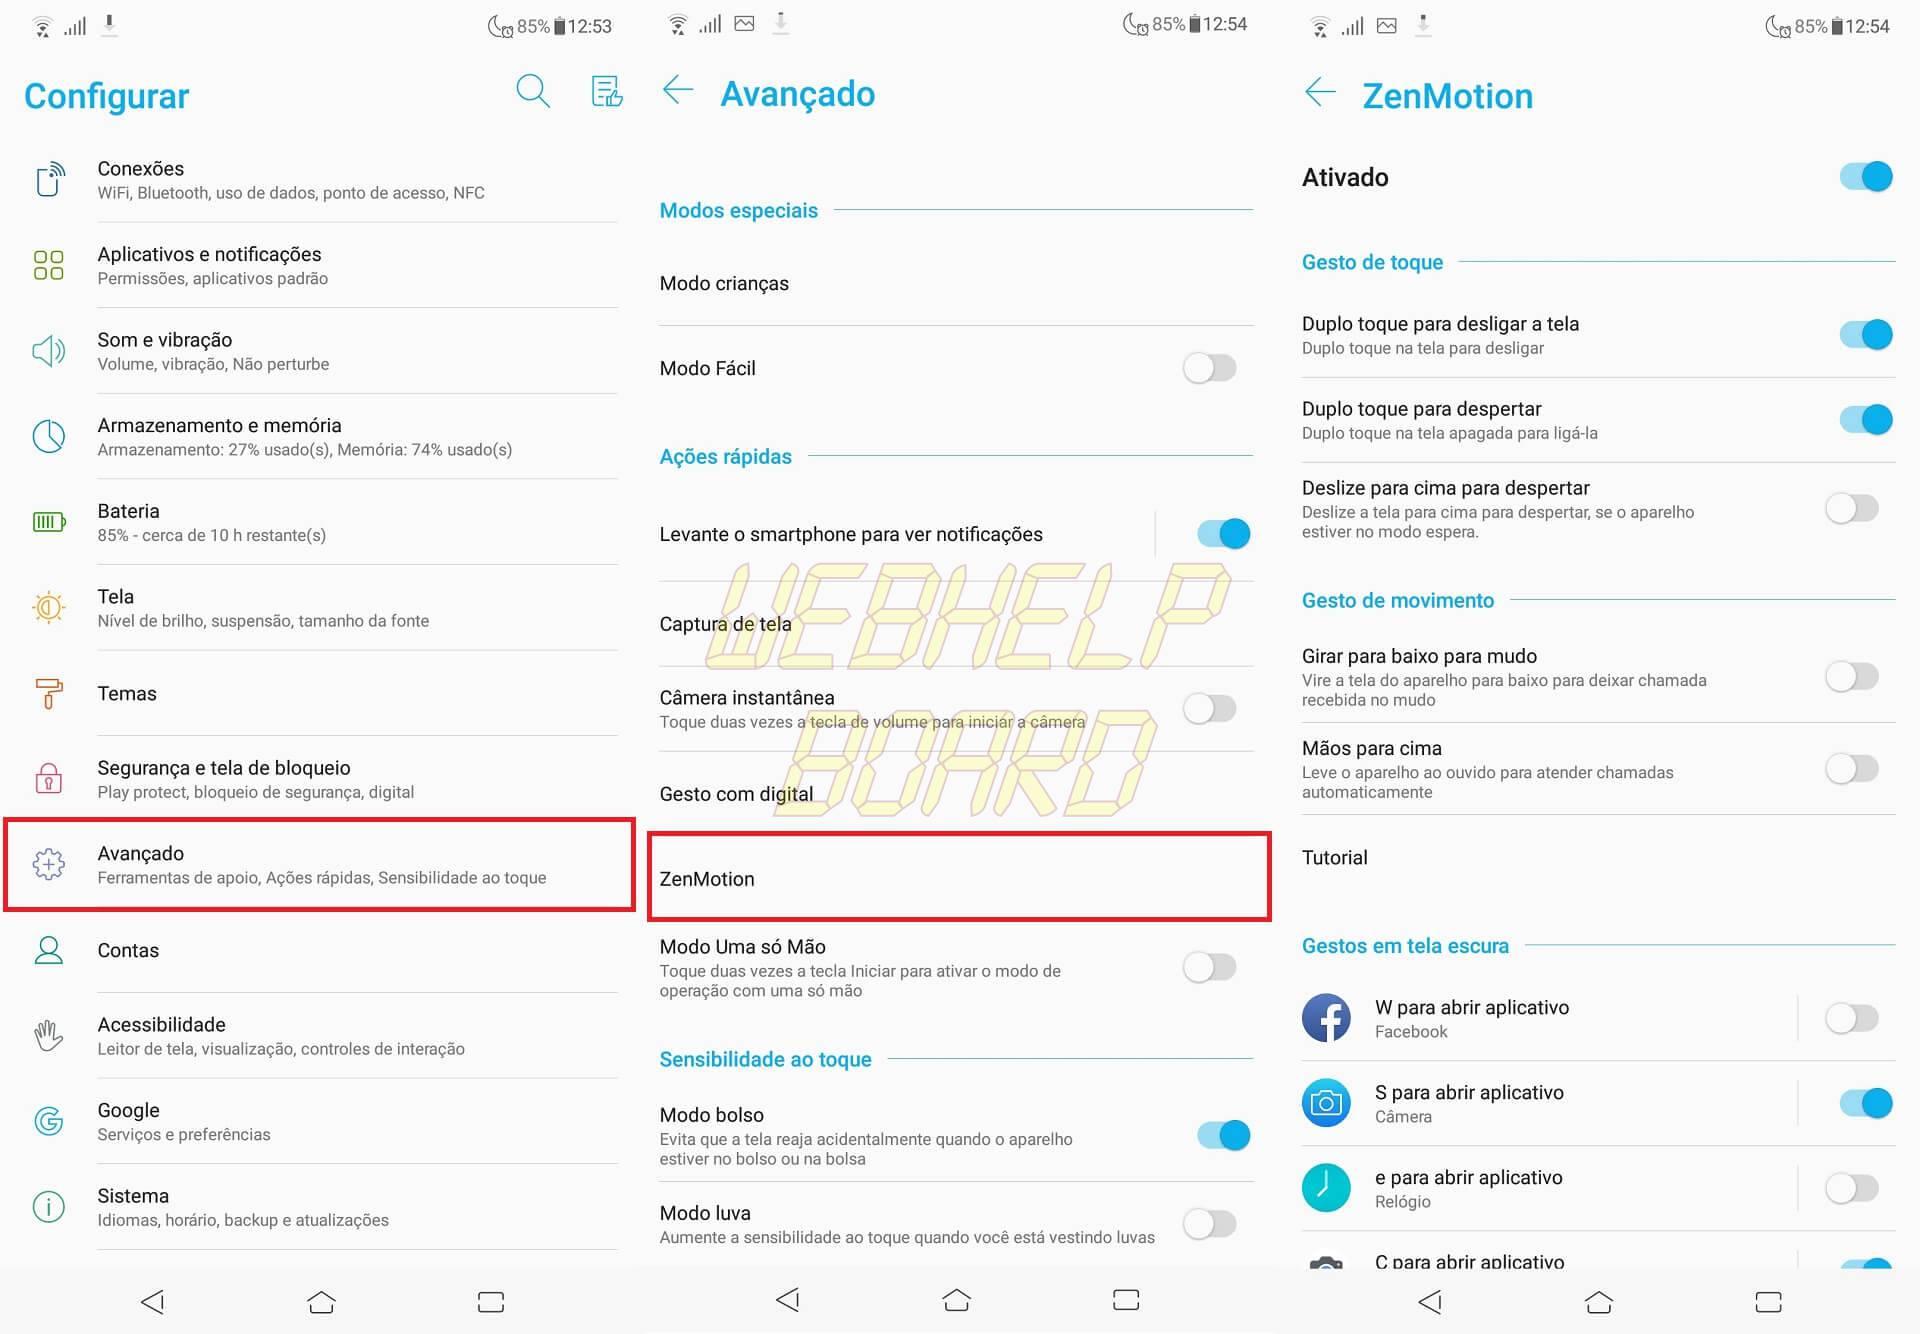 IMG 2 - Descubra 23 dicas e truques para os Asus Zenfone 5 e Zenfone 5Z